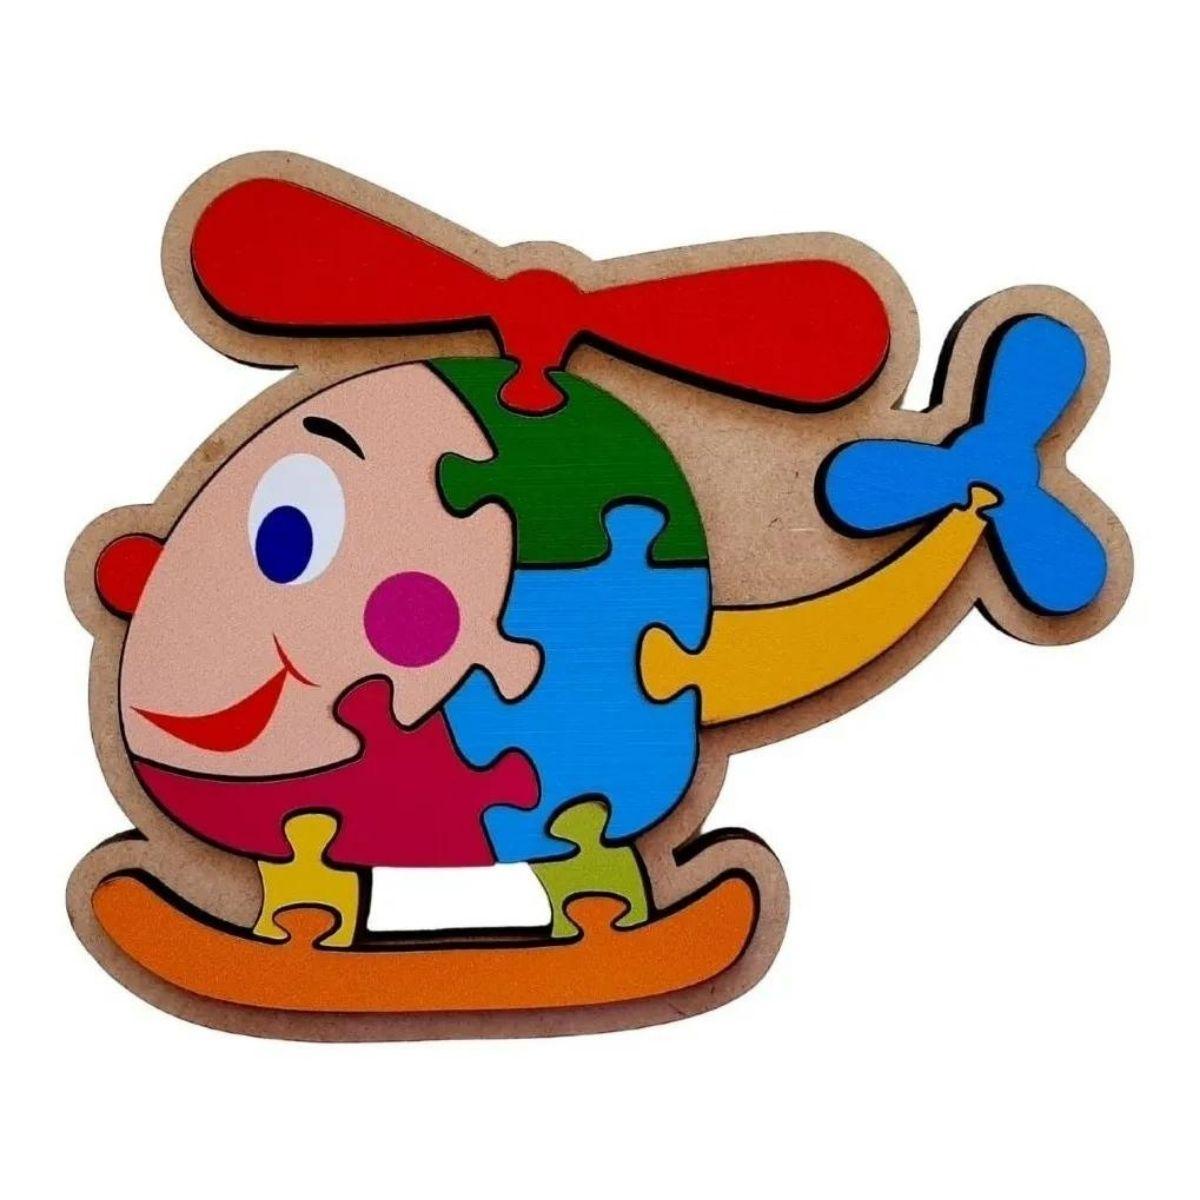 Kit Brinquedo Educativo Transporte Quebra-cabeça Infantil 3 Pcs